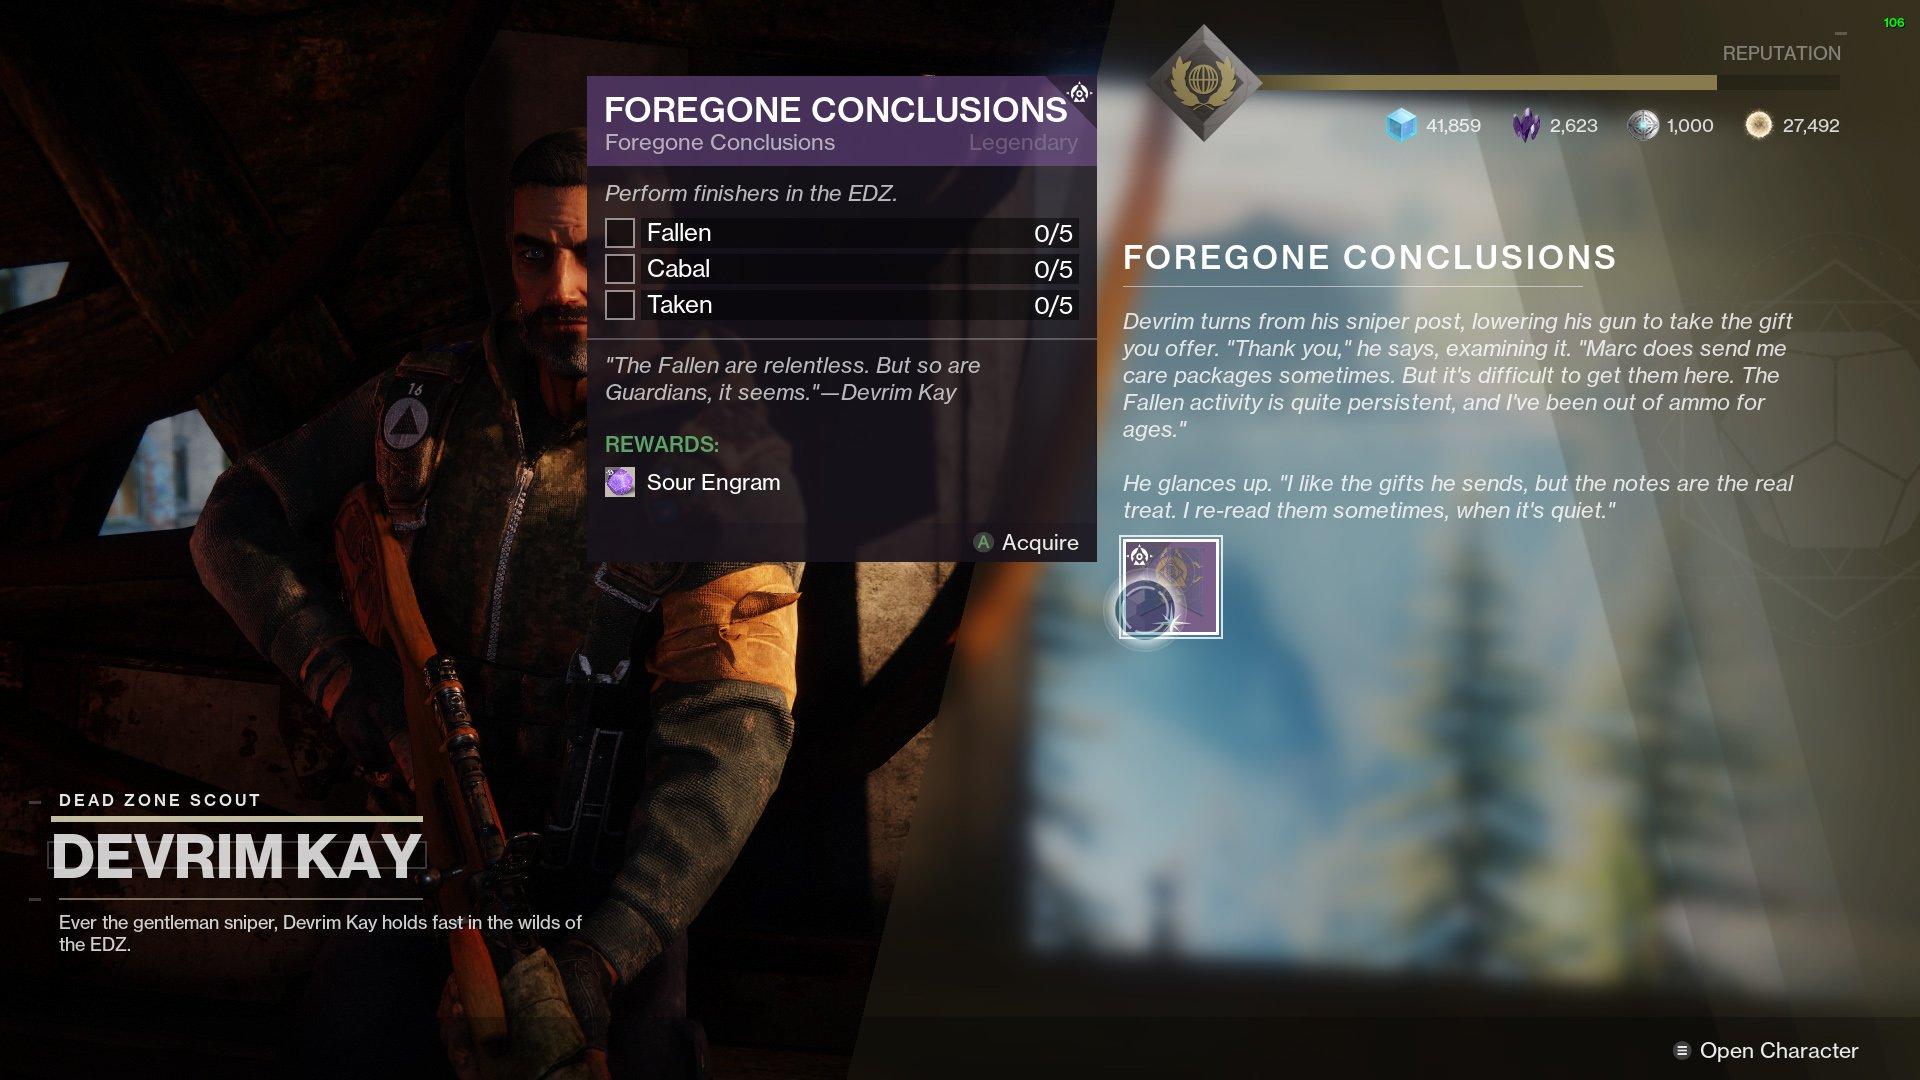 Destiny 2 Foregone Conclusions